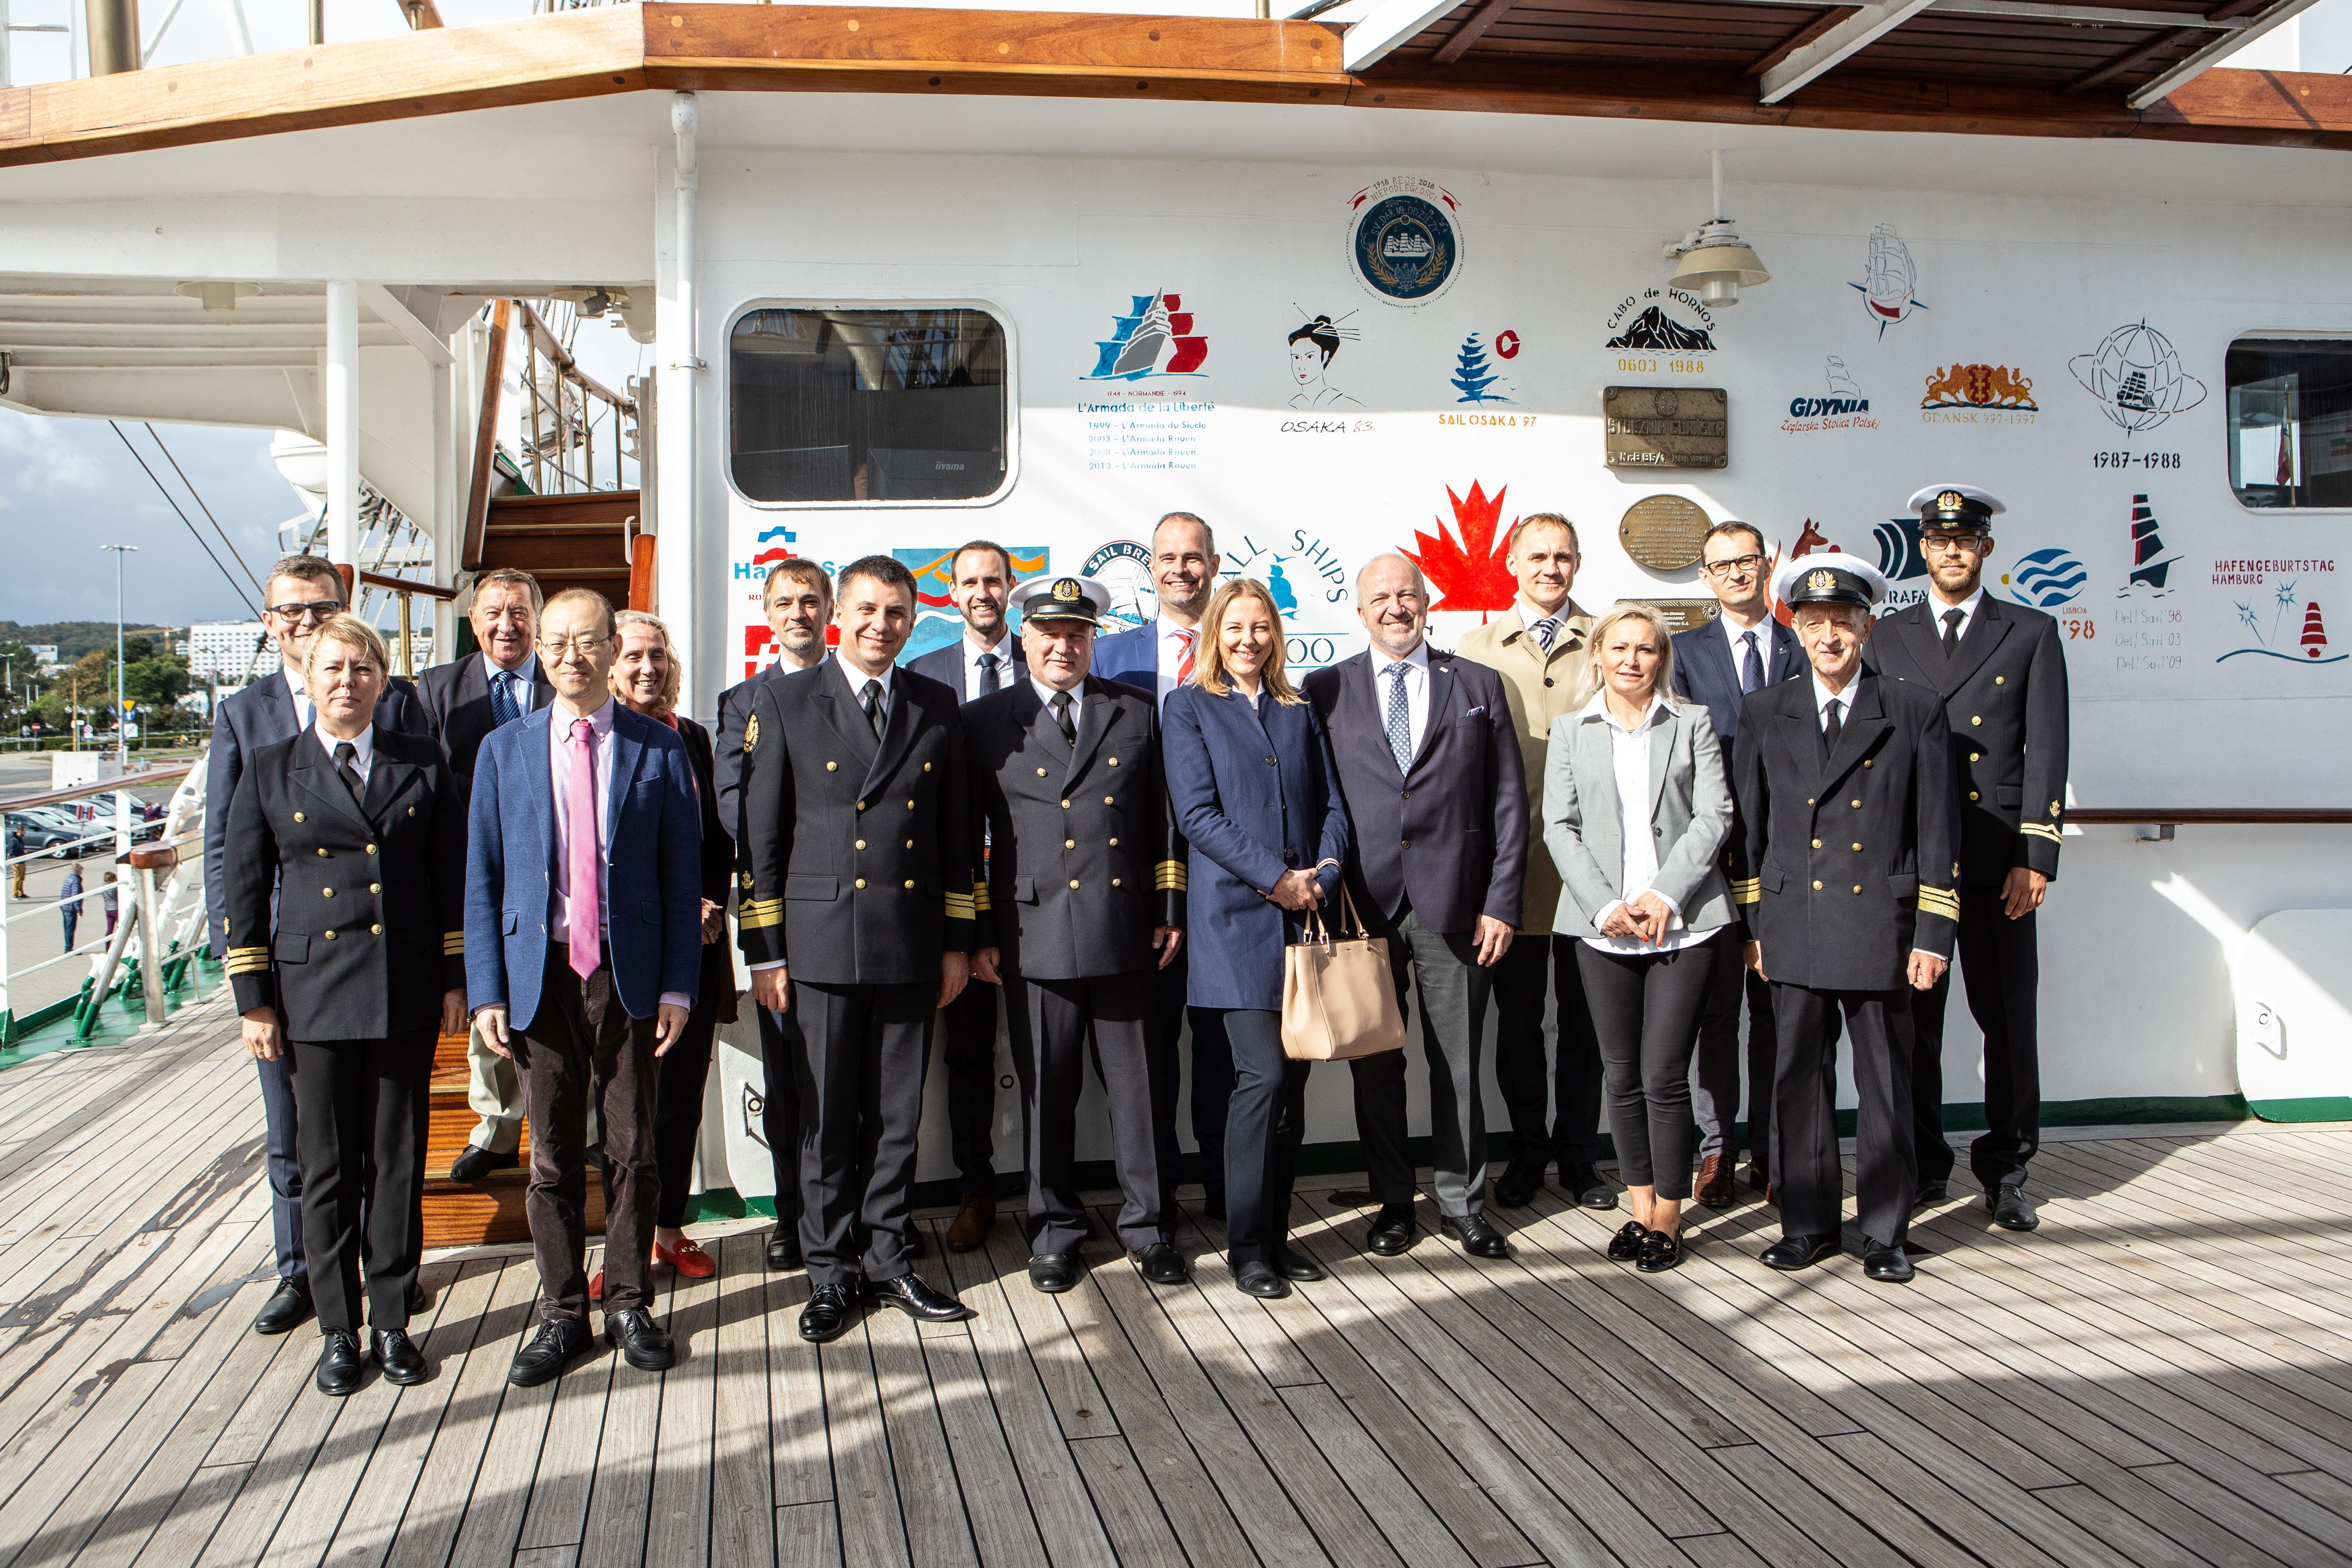 W dniu 17 września 2019 roku odbyła się uroczystość podpisania umowy o współpracy pomiędzy Uniwersytetem Morskim w Gdyni i Ocean Network Express (Europe) Ltd.